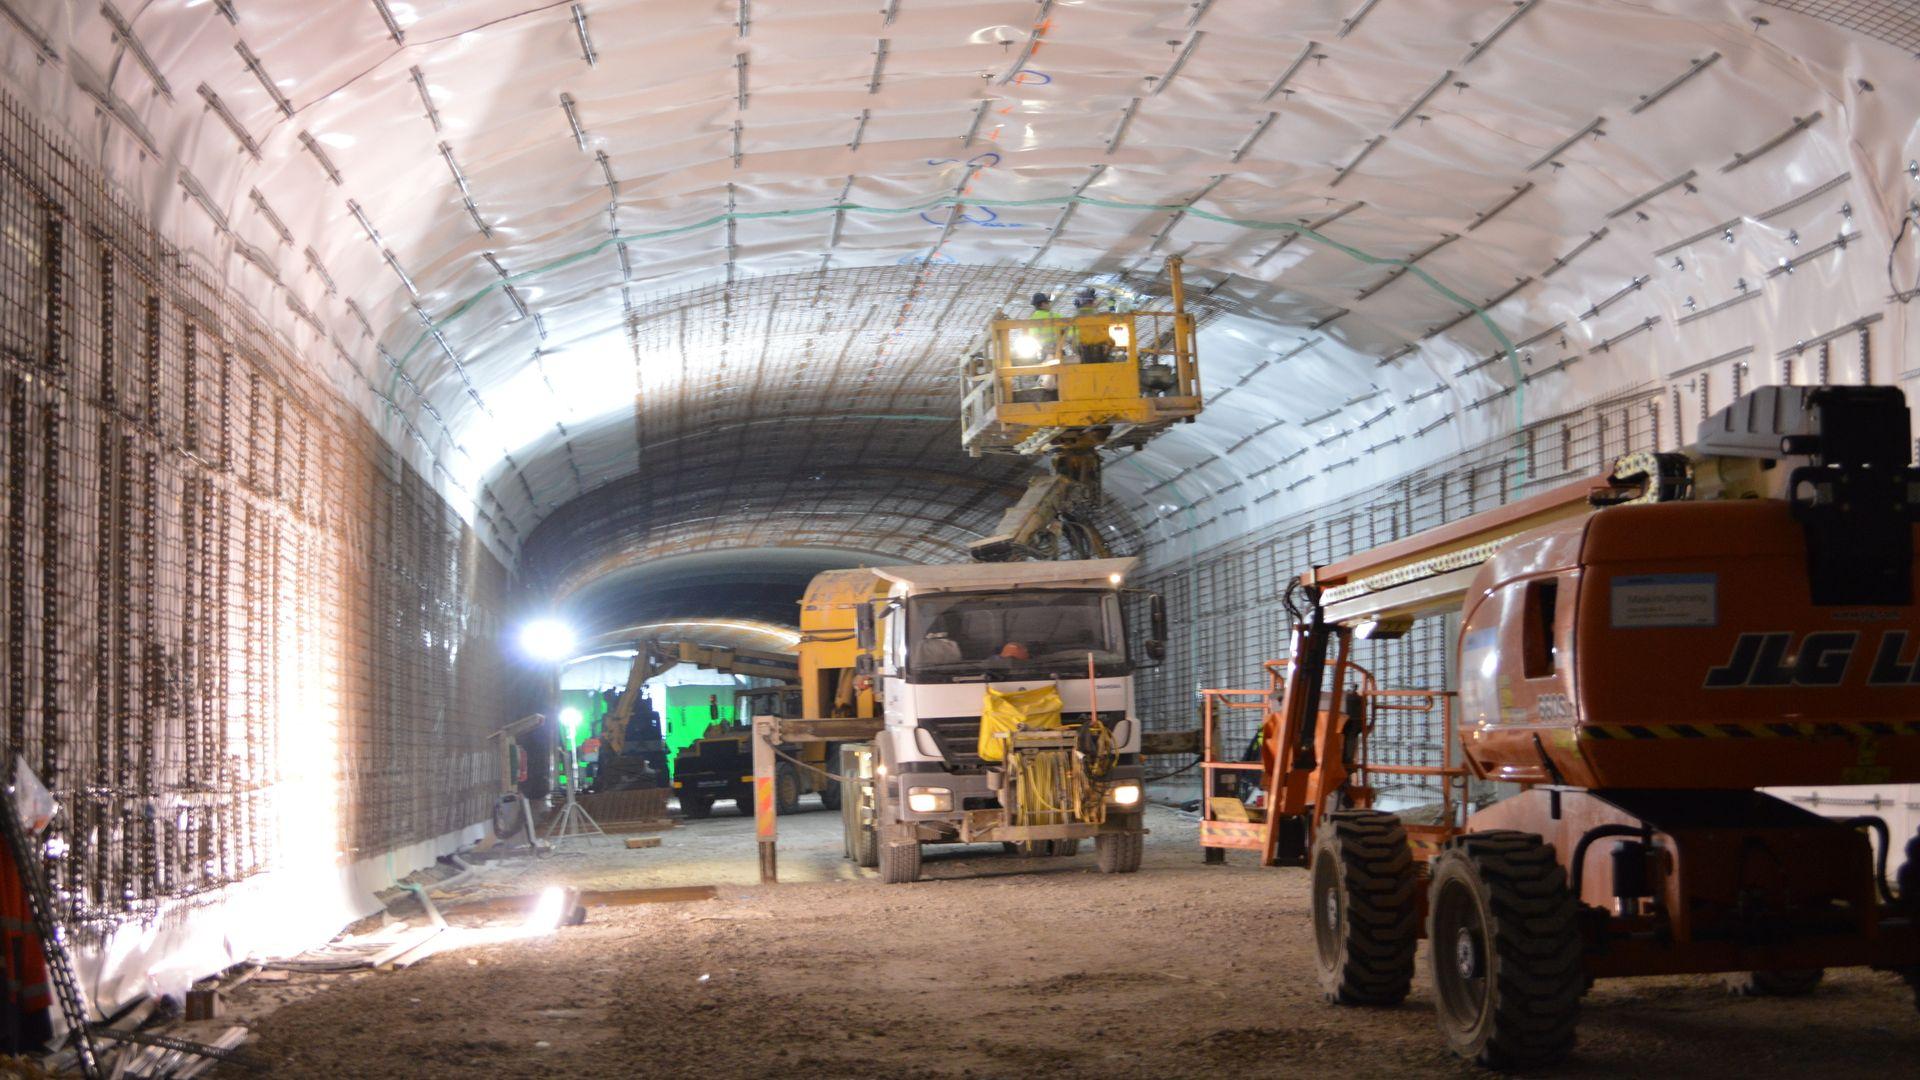 ANNONSE: Norsk teknologi muliggjør bruk av postkonsumerplast i tunnelbygging